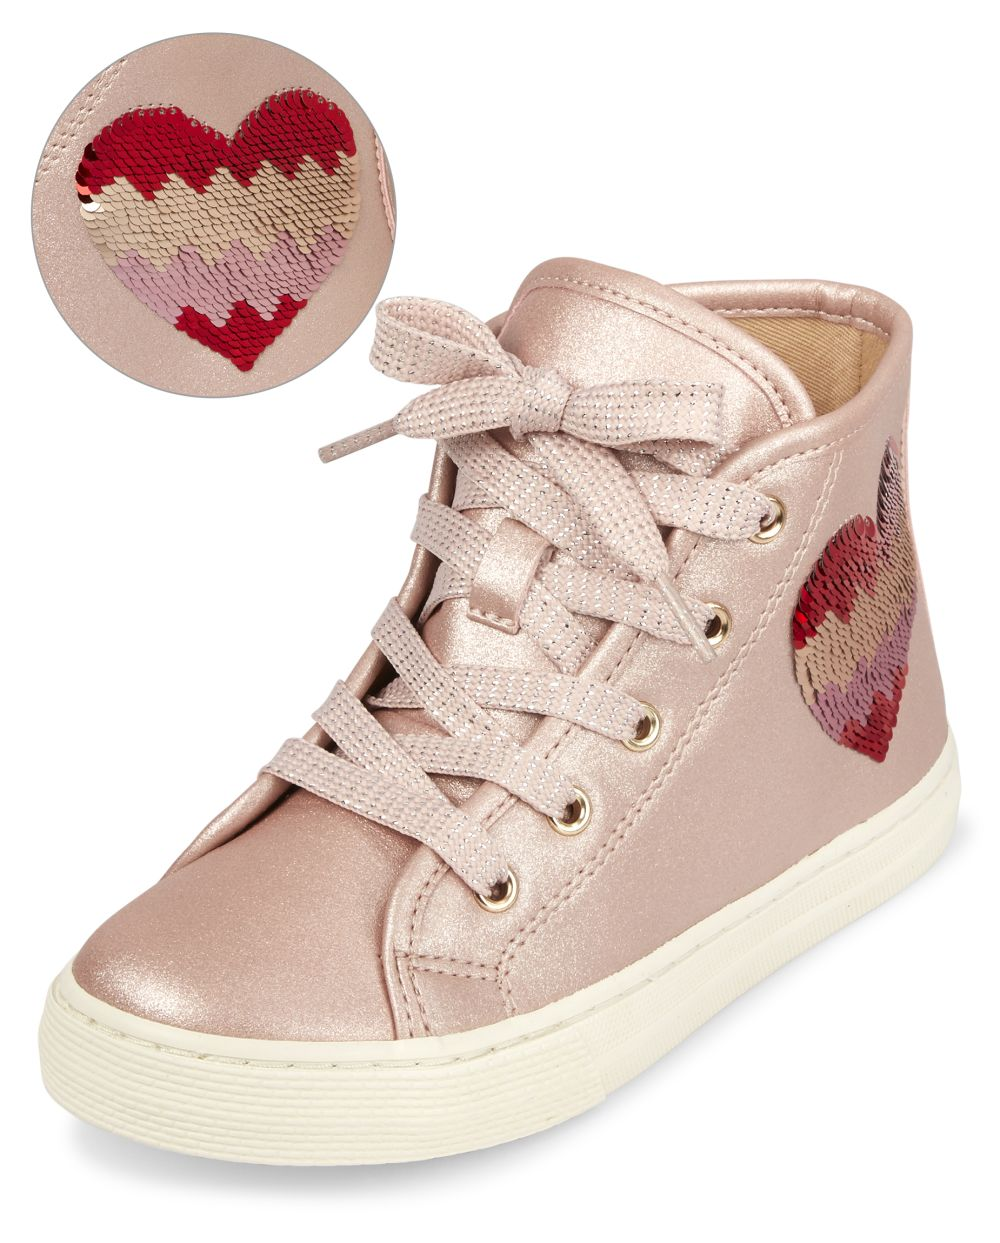 Flip Sequin Heart Hi Top Sneakers - Pink